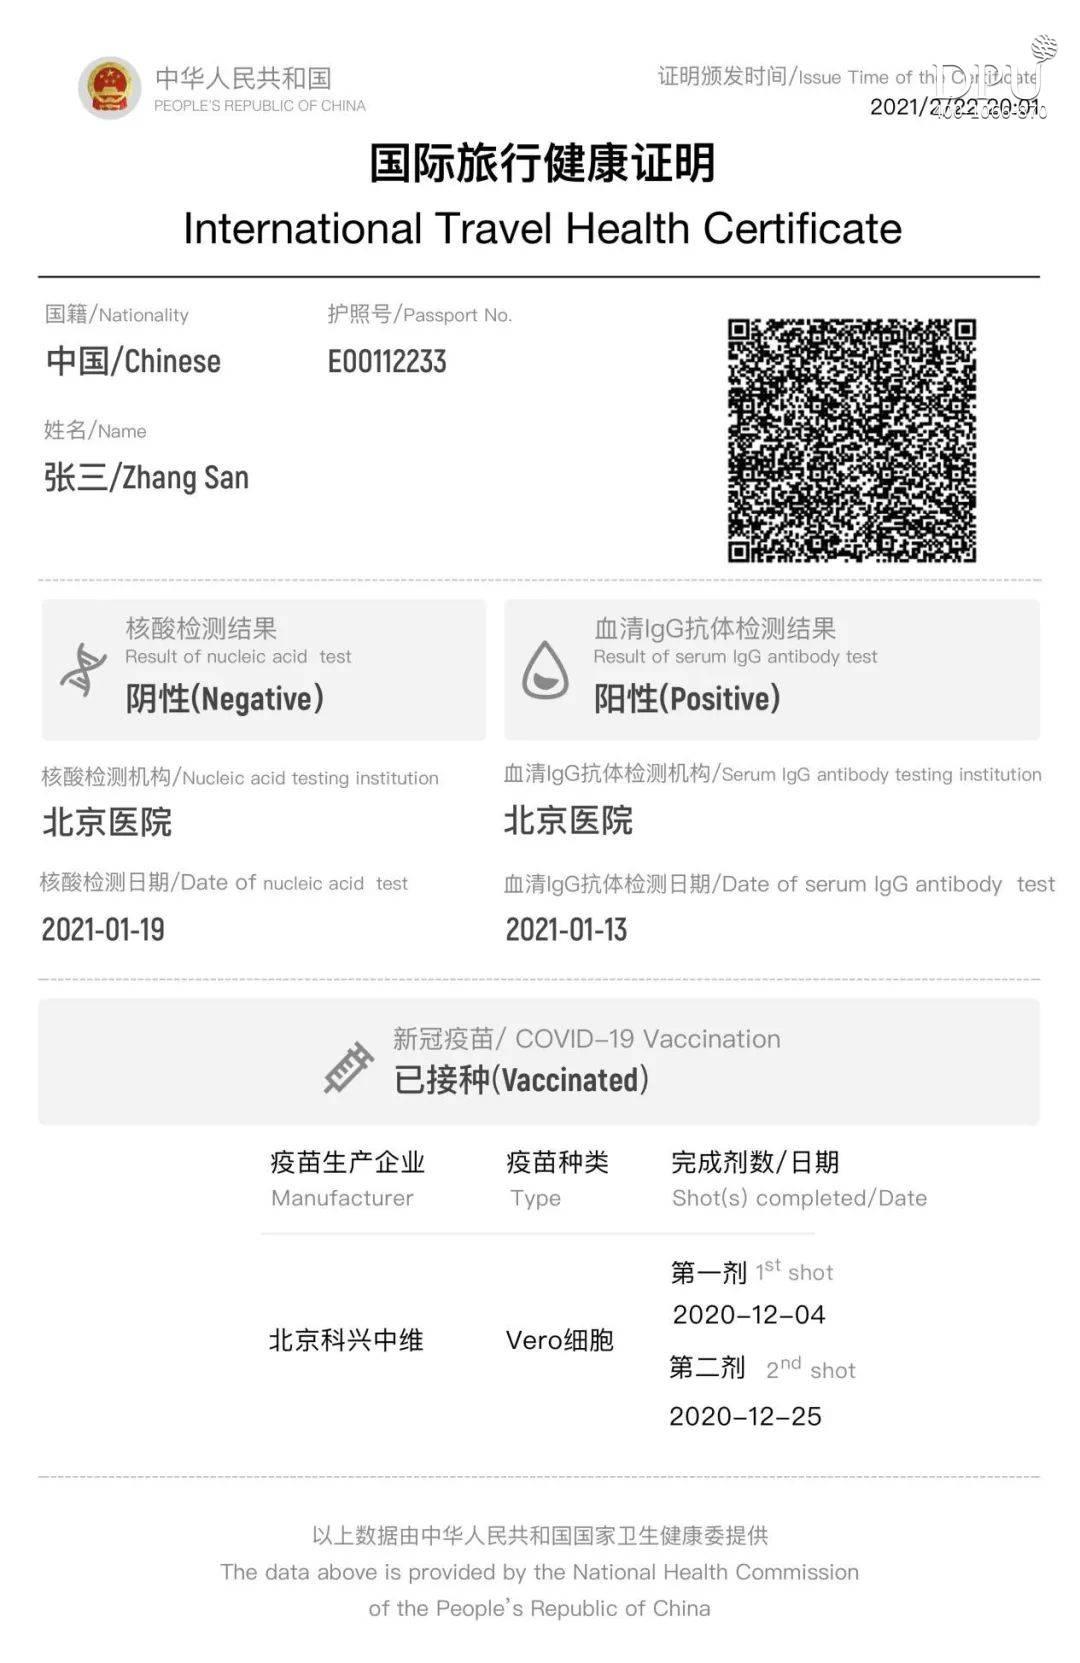 """中国版""""国际旅行健康证明""""纸质版样例 (疫苗接种相关数据正在建设中)"""